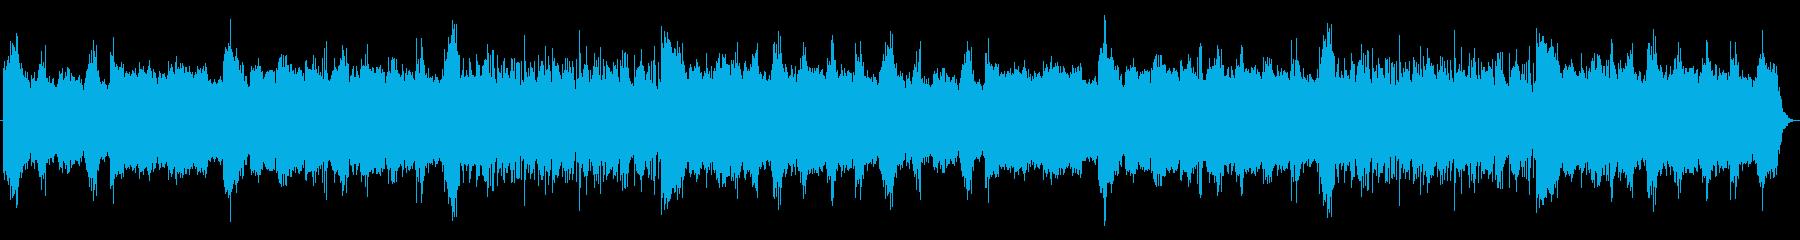 フルート、琴、マンドリン、弦楽器、...の再生済みの波形